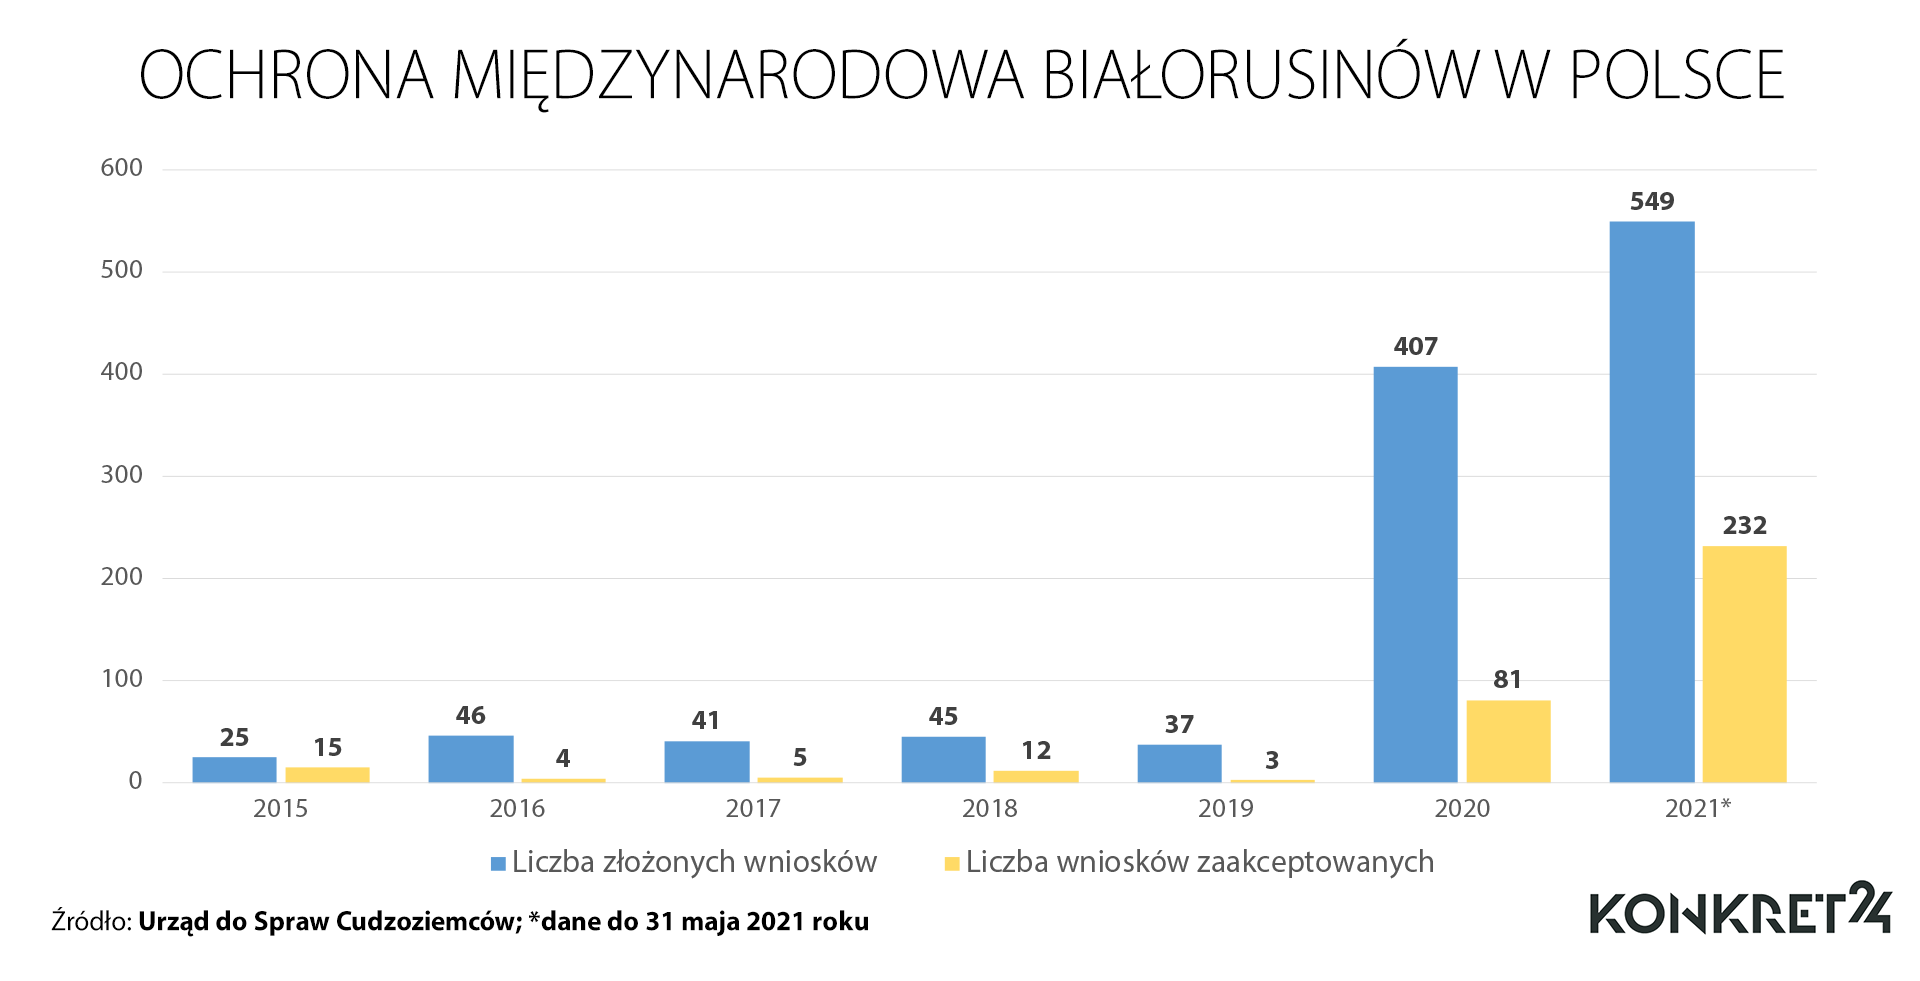 Ochrona międzynarodowa Białorusinów w Polsce